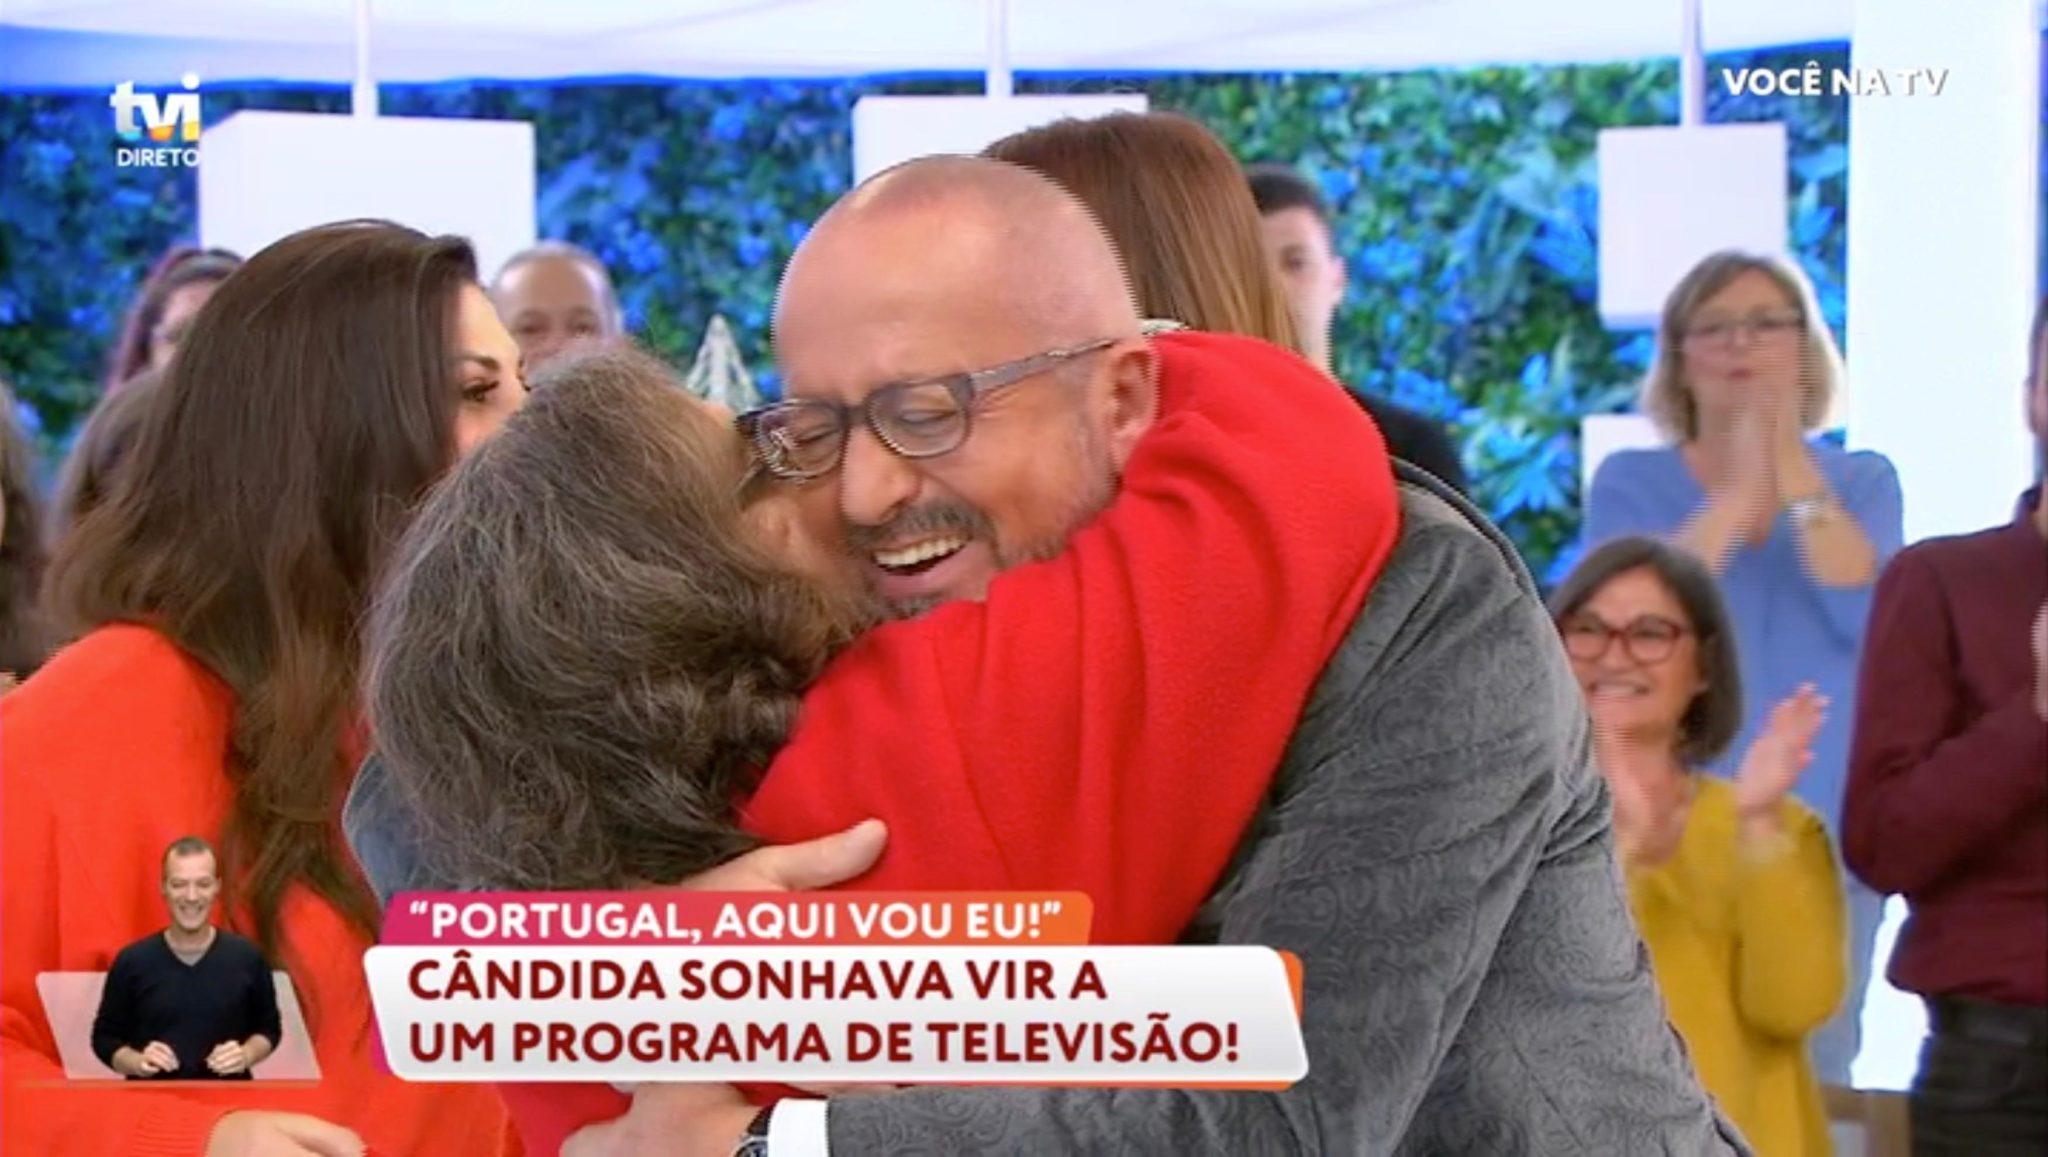 Cândida Goucha Scaled Emocionante! Goucha Oferece Viagem A Convidada Para Ir Passar O Natal Em Família